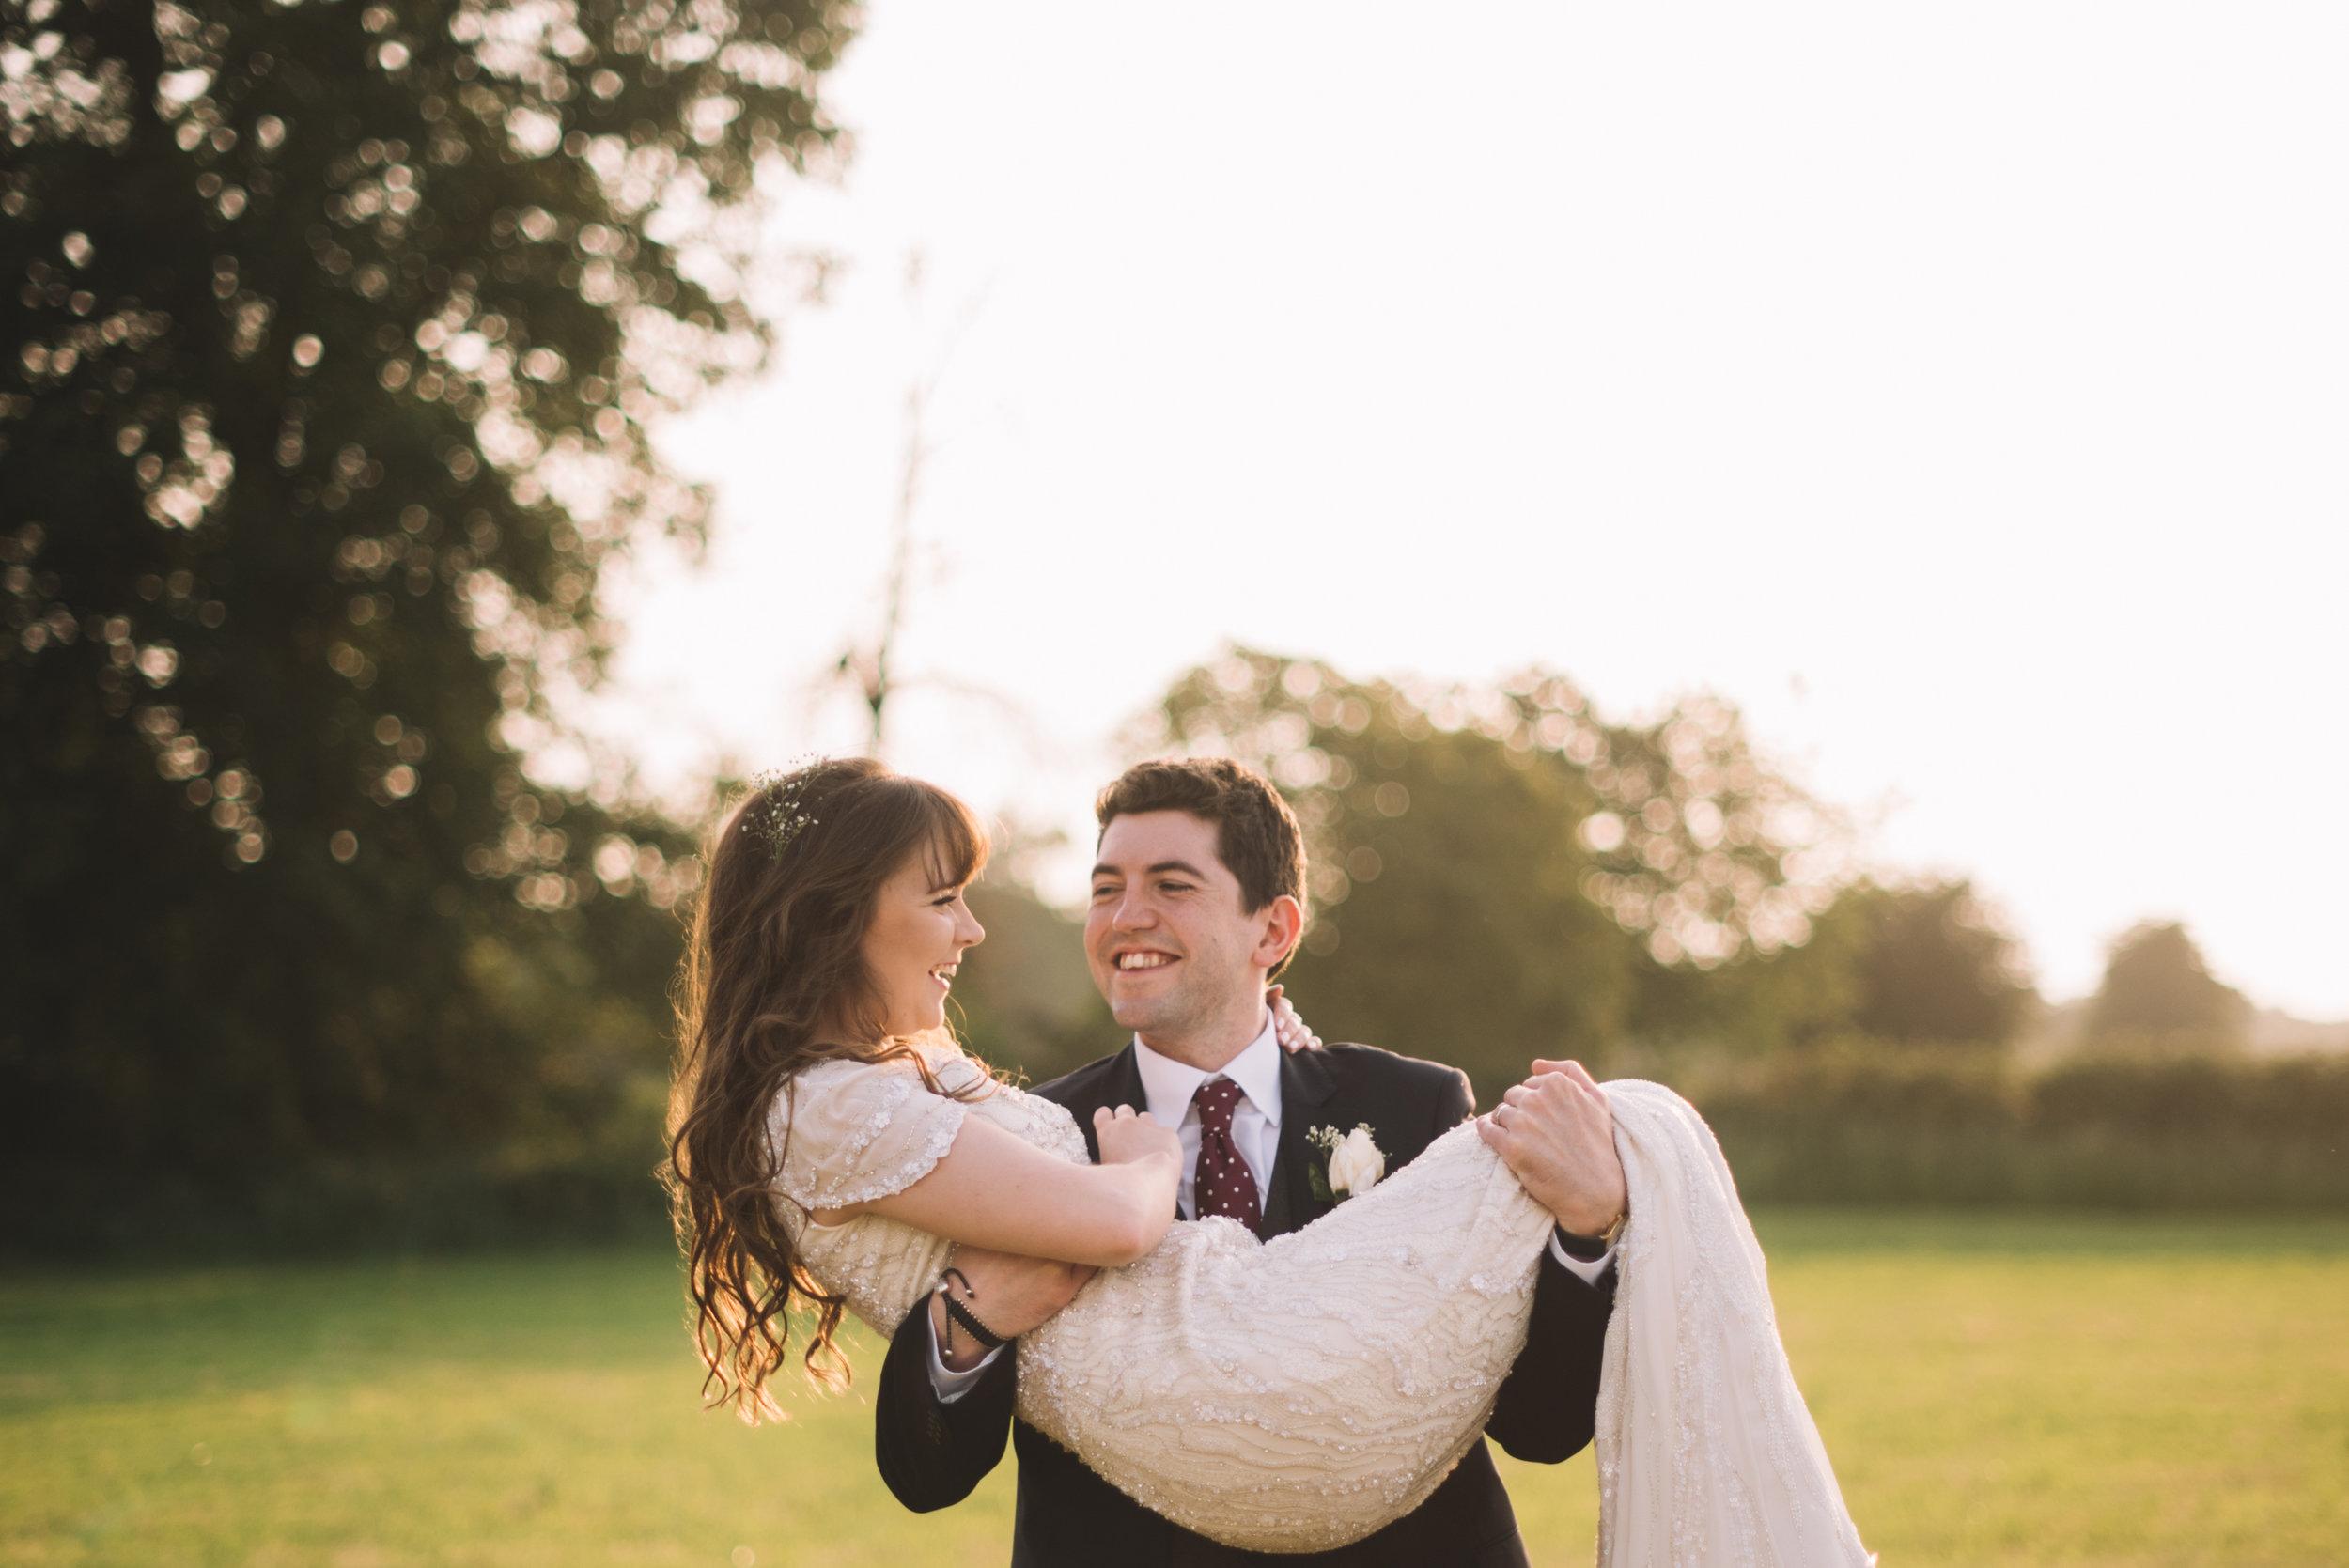 Gosfield Hall, Essex wedding photographer, Lucie Watson PhotographyGosfield Hall, Essex wedding photographer, Lucie Watson Photography